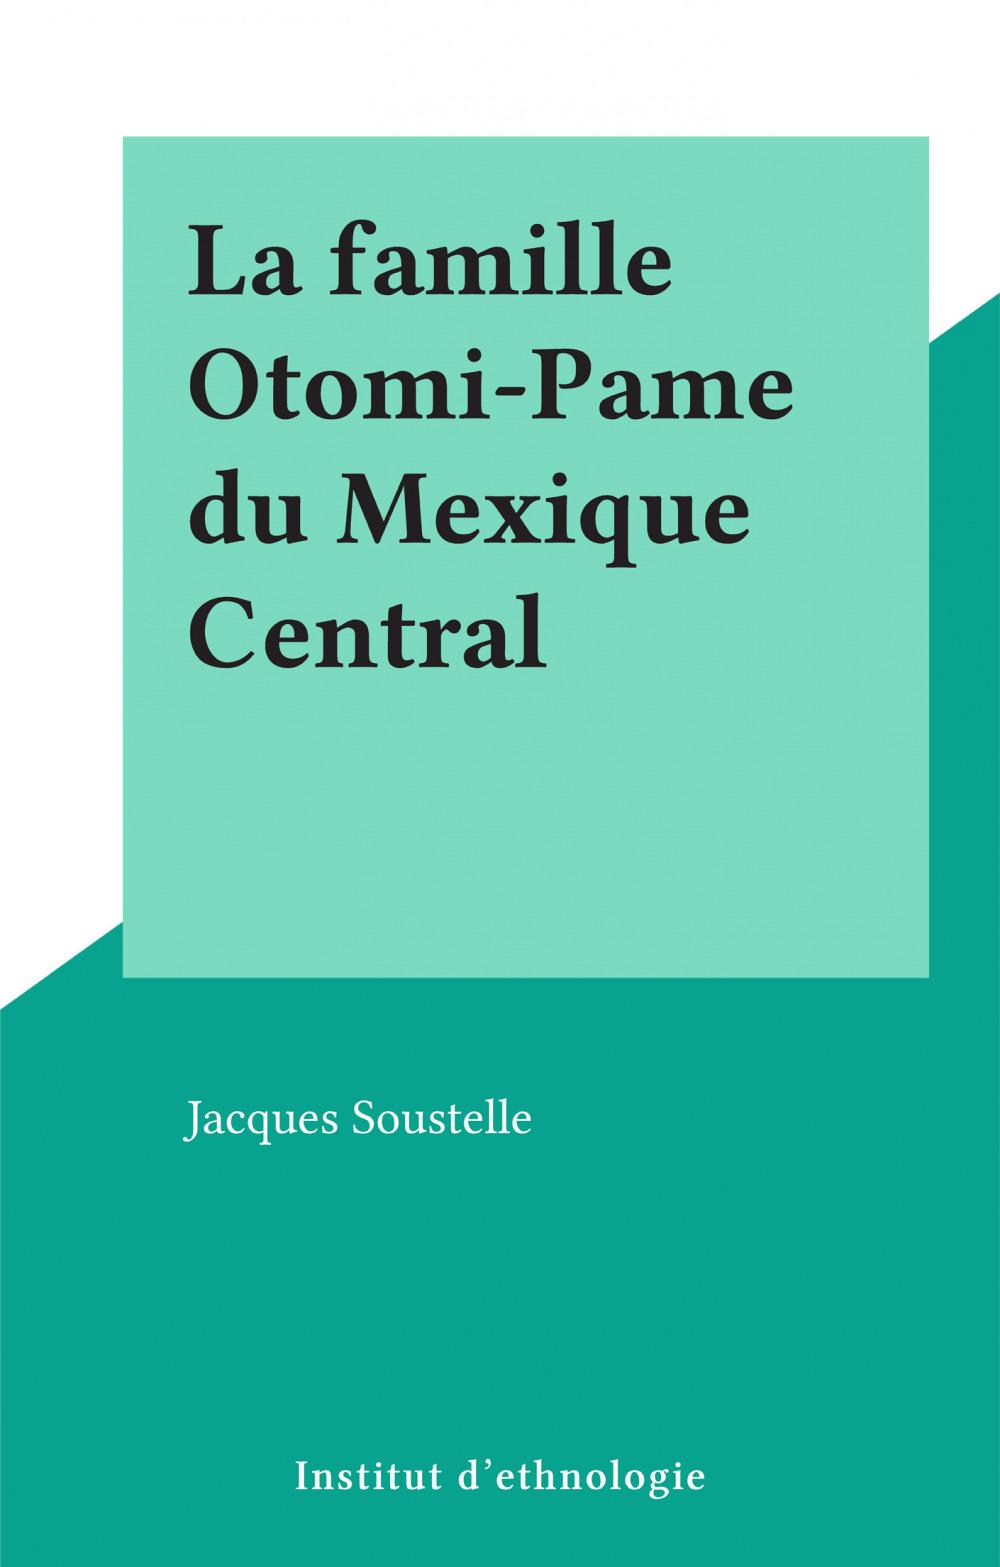 La famille Otomi-Pame du Mexique Central